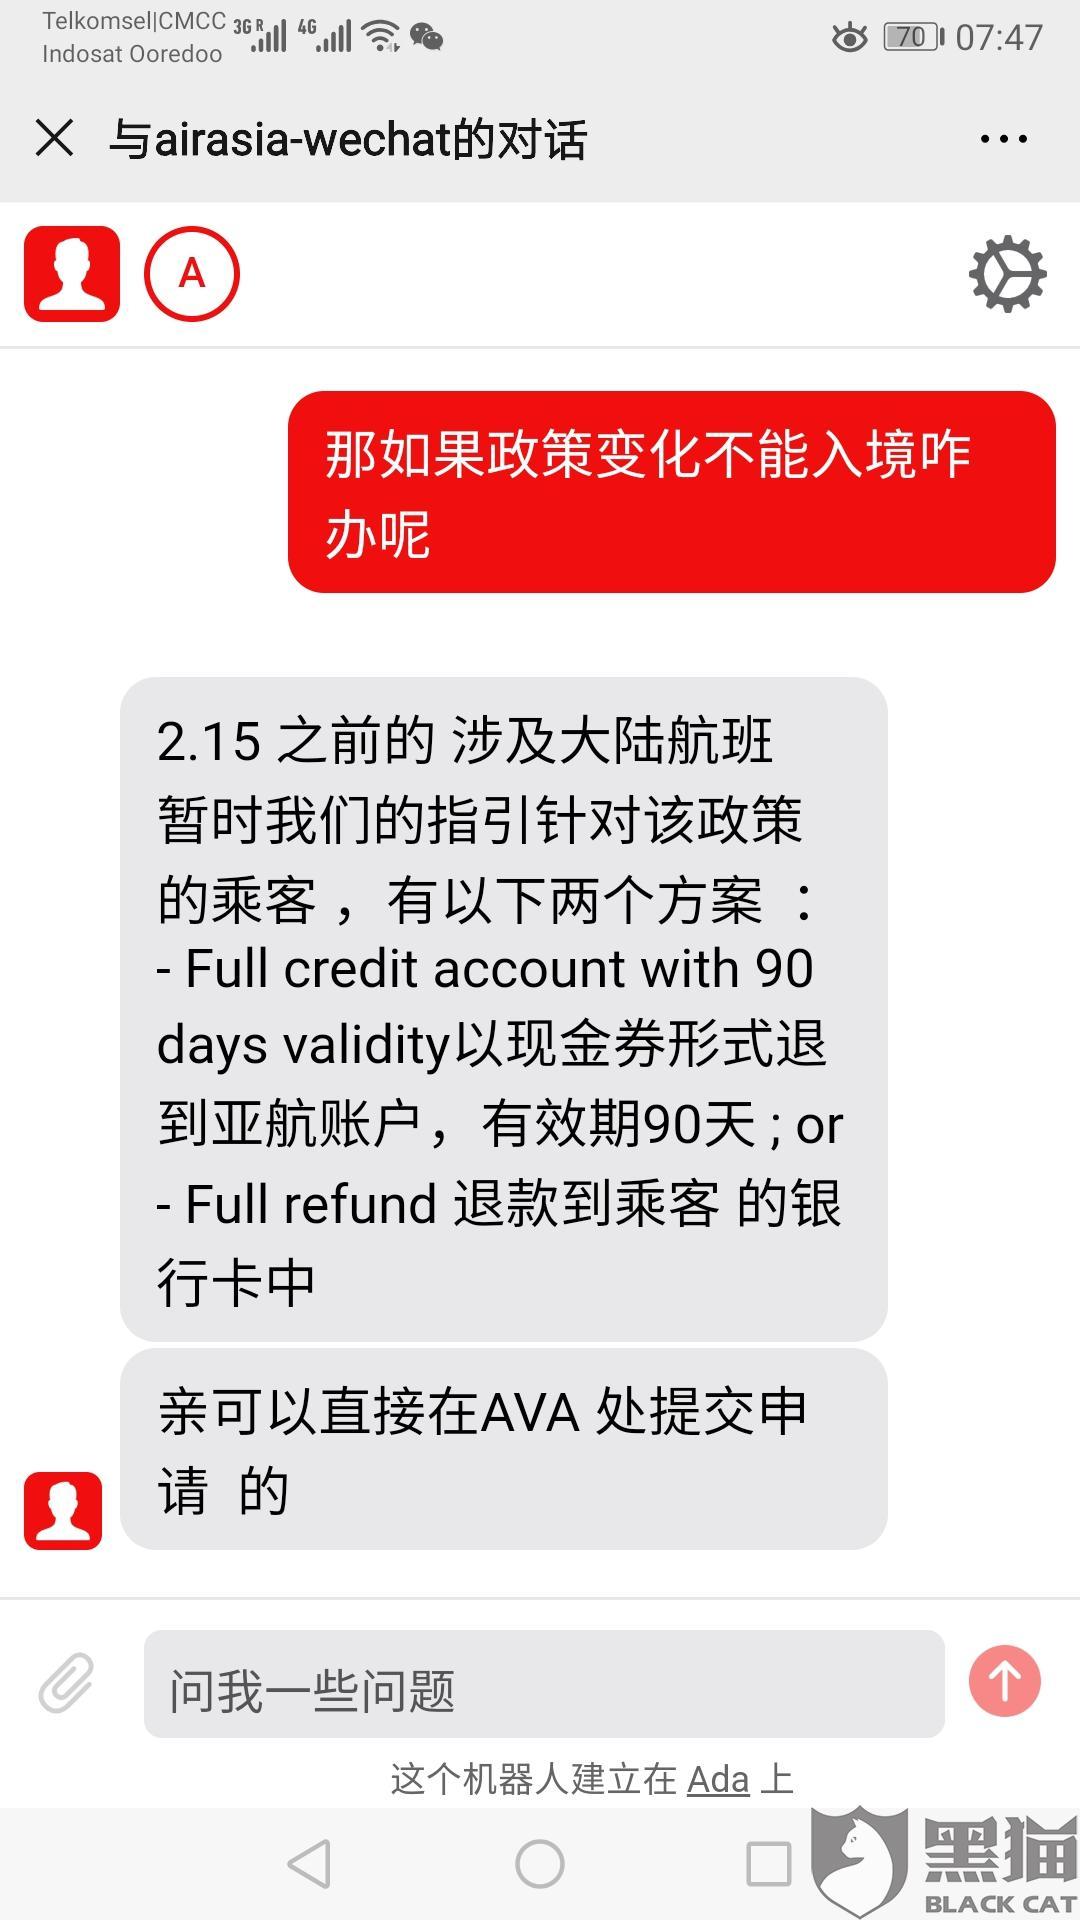 黑猫投诉:中国发生肺炎疫情,亚航不按民航局要求进行退款。要求全额退还所有机票费用